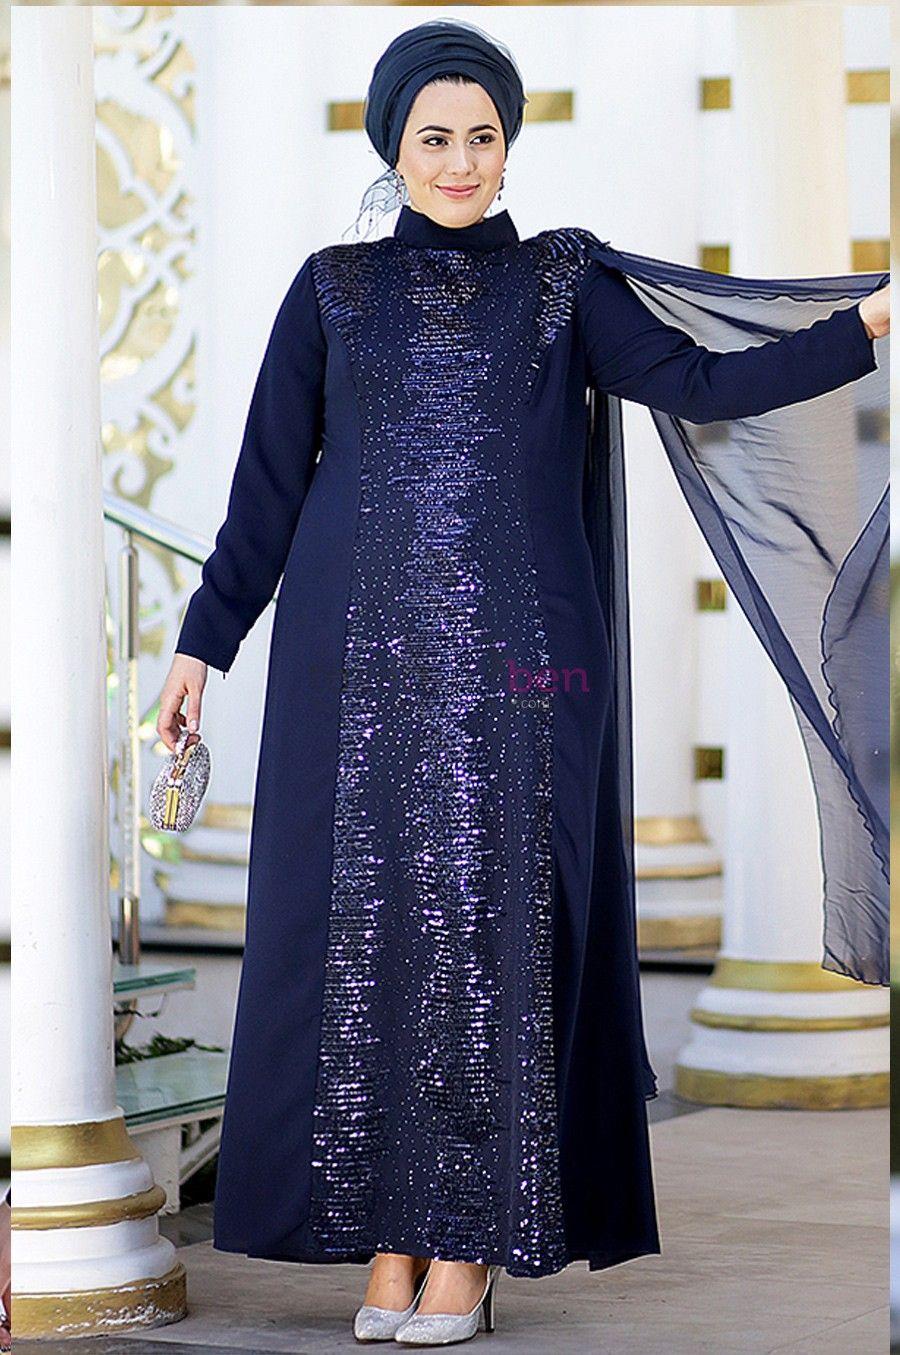 Buyuk Beden Tesettur Abiye Elbise Modelleri Elbise Modelleri Batik Elbise Elbise